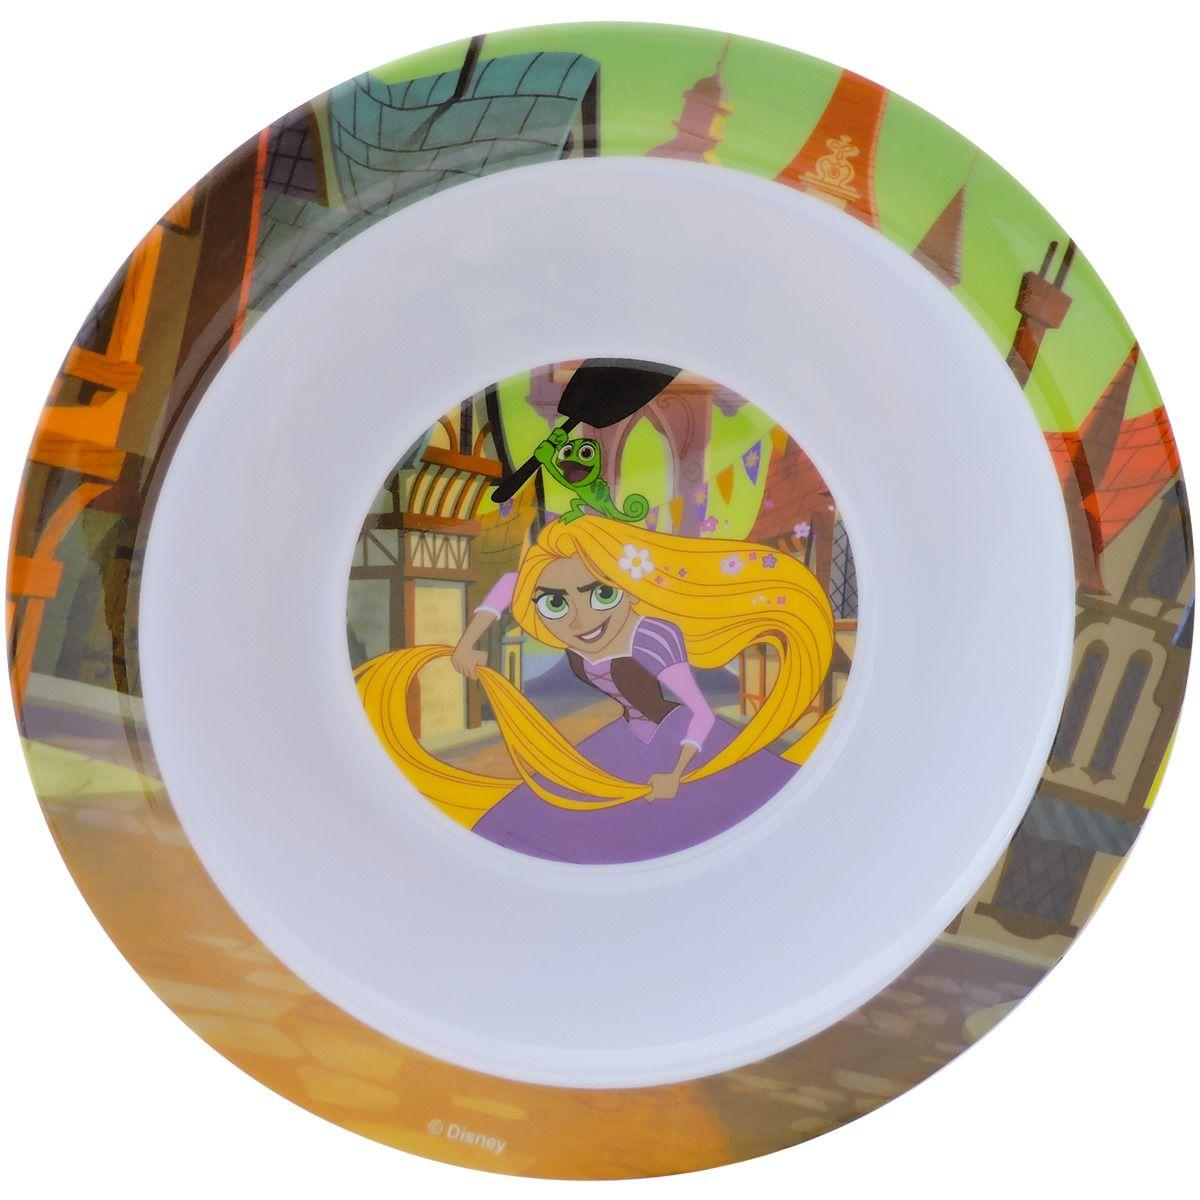 Kit Refeição Infantil com 2 Pratos e 1 Tigela Rapunzel Enrolados Princesas Disney Junior